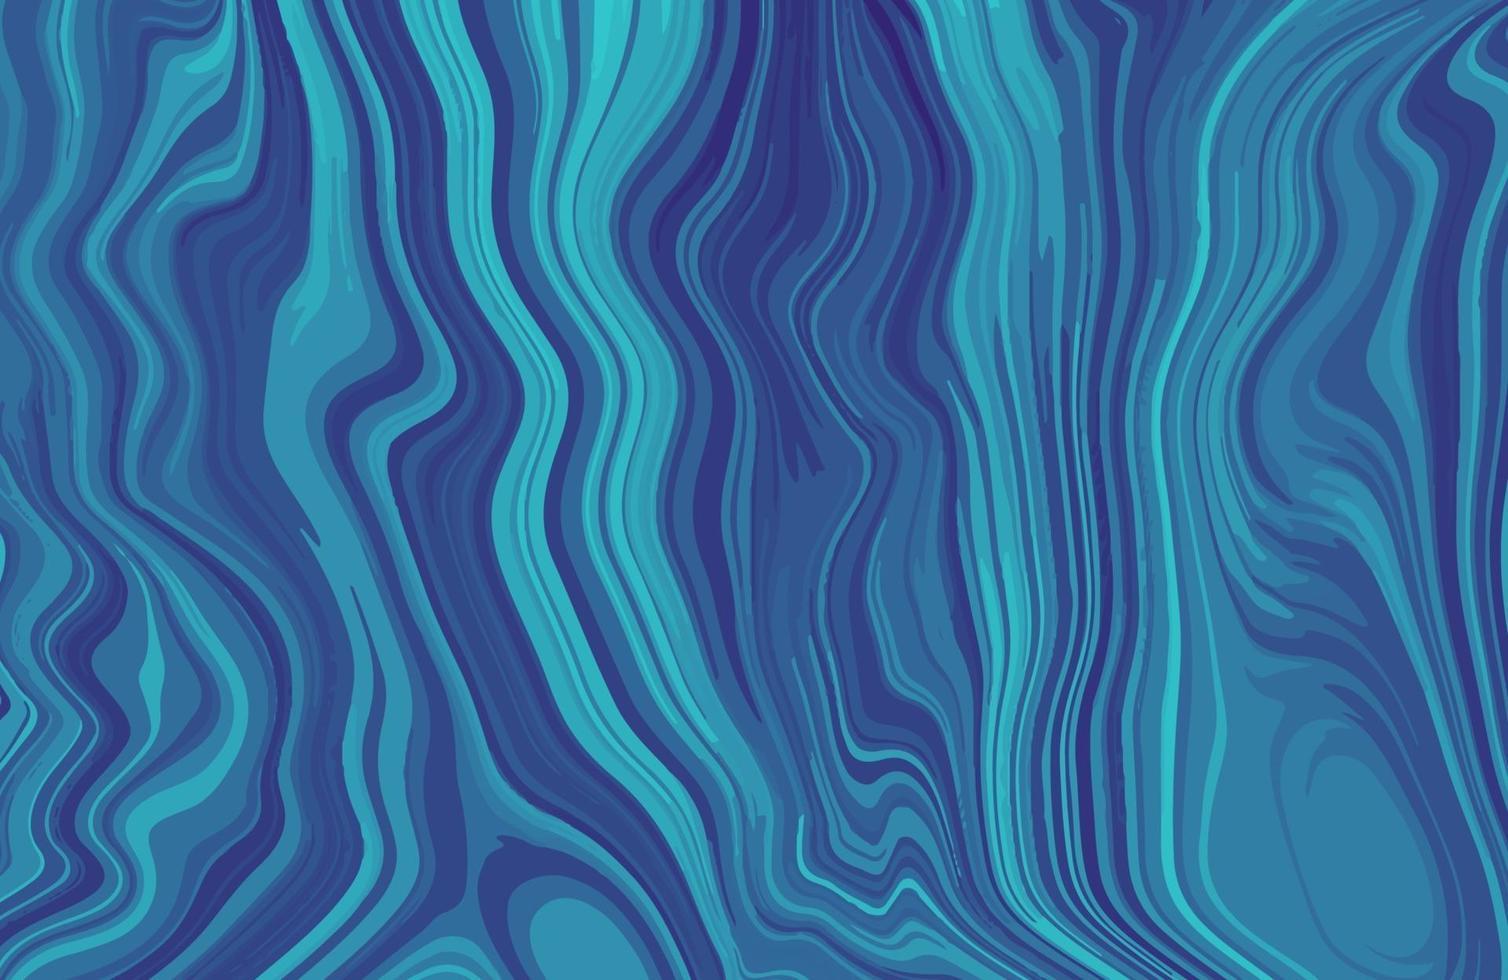 fondo di struttura della pittura di marmo di arte liquida. modello di marmo naturale alla moda. lo stile incorpora i vortici del marmo o le increspature dell'agata. vettore